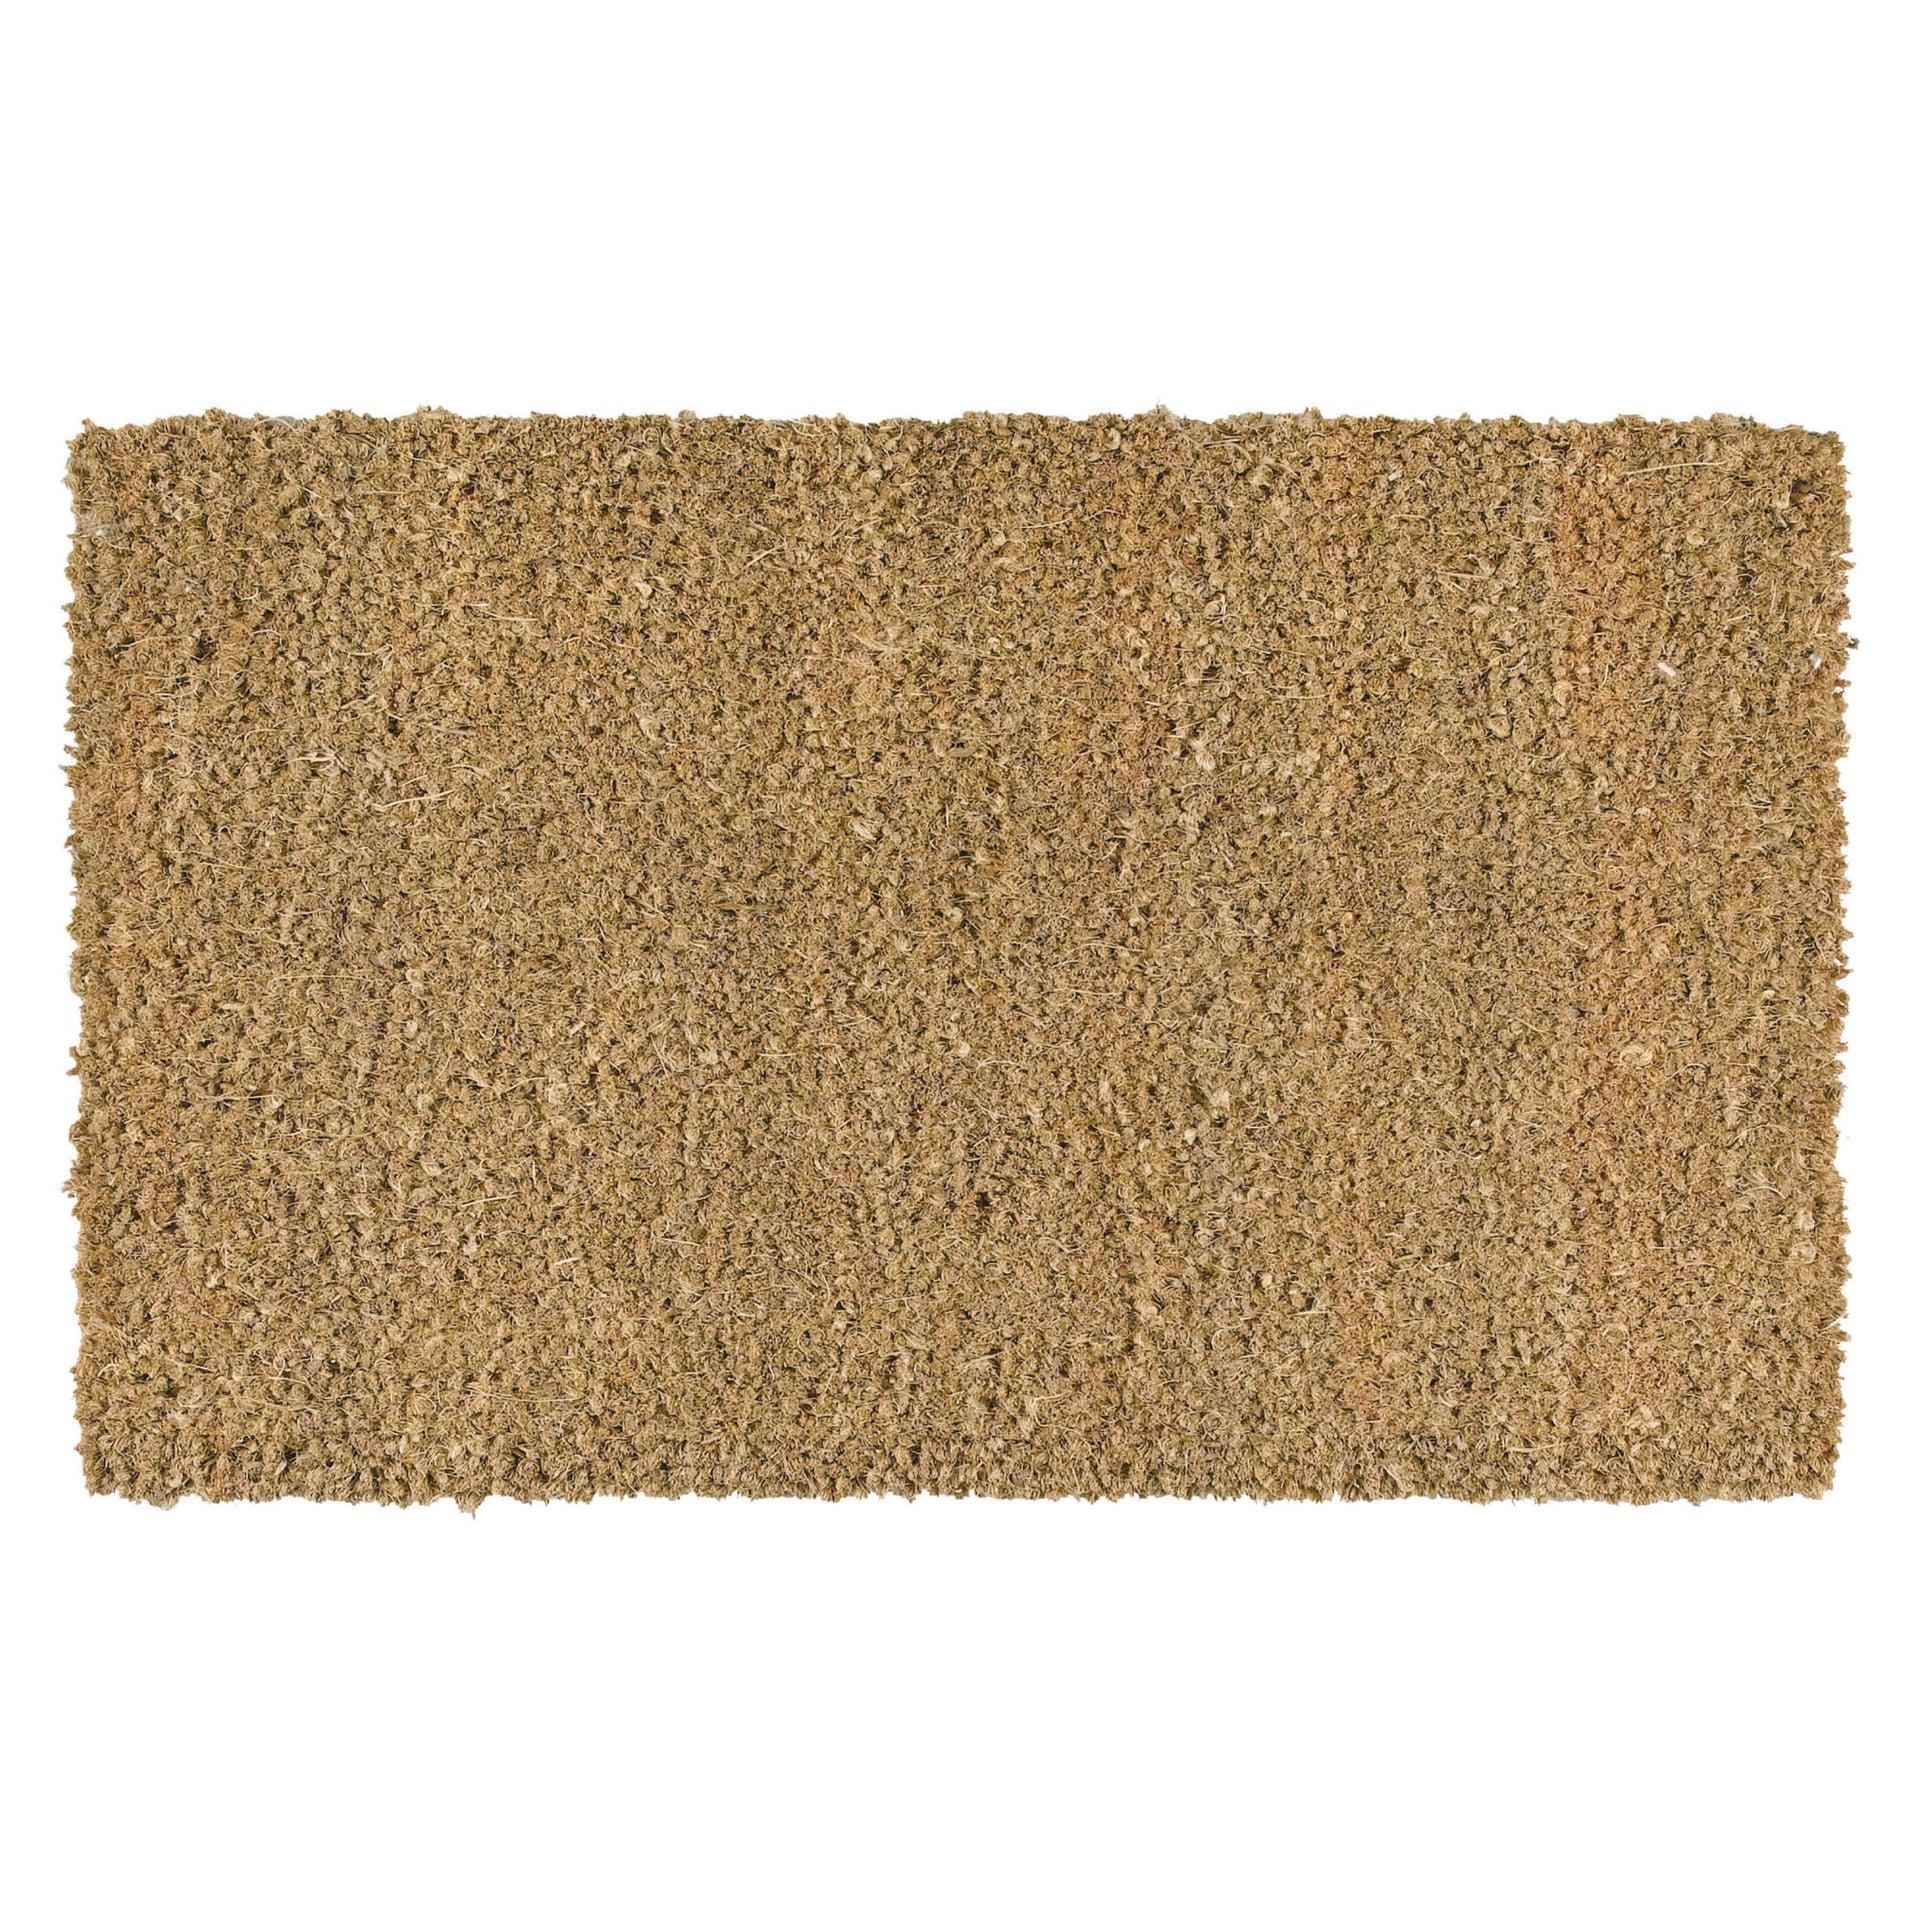 Zerbino Greggio in cocco beige 100x120 cm - 1